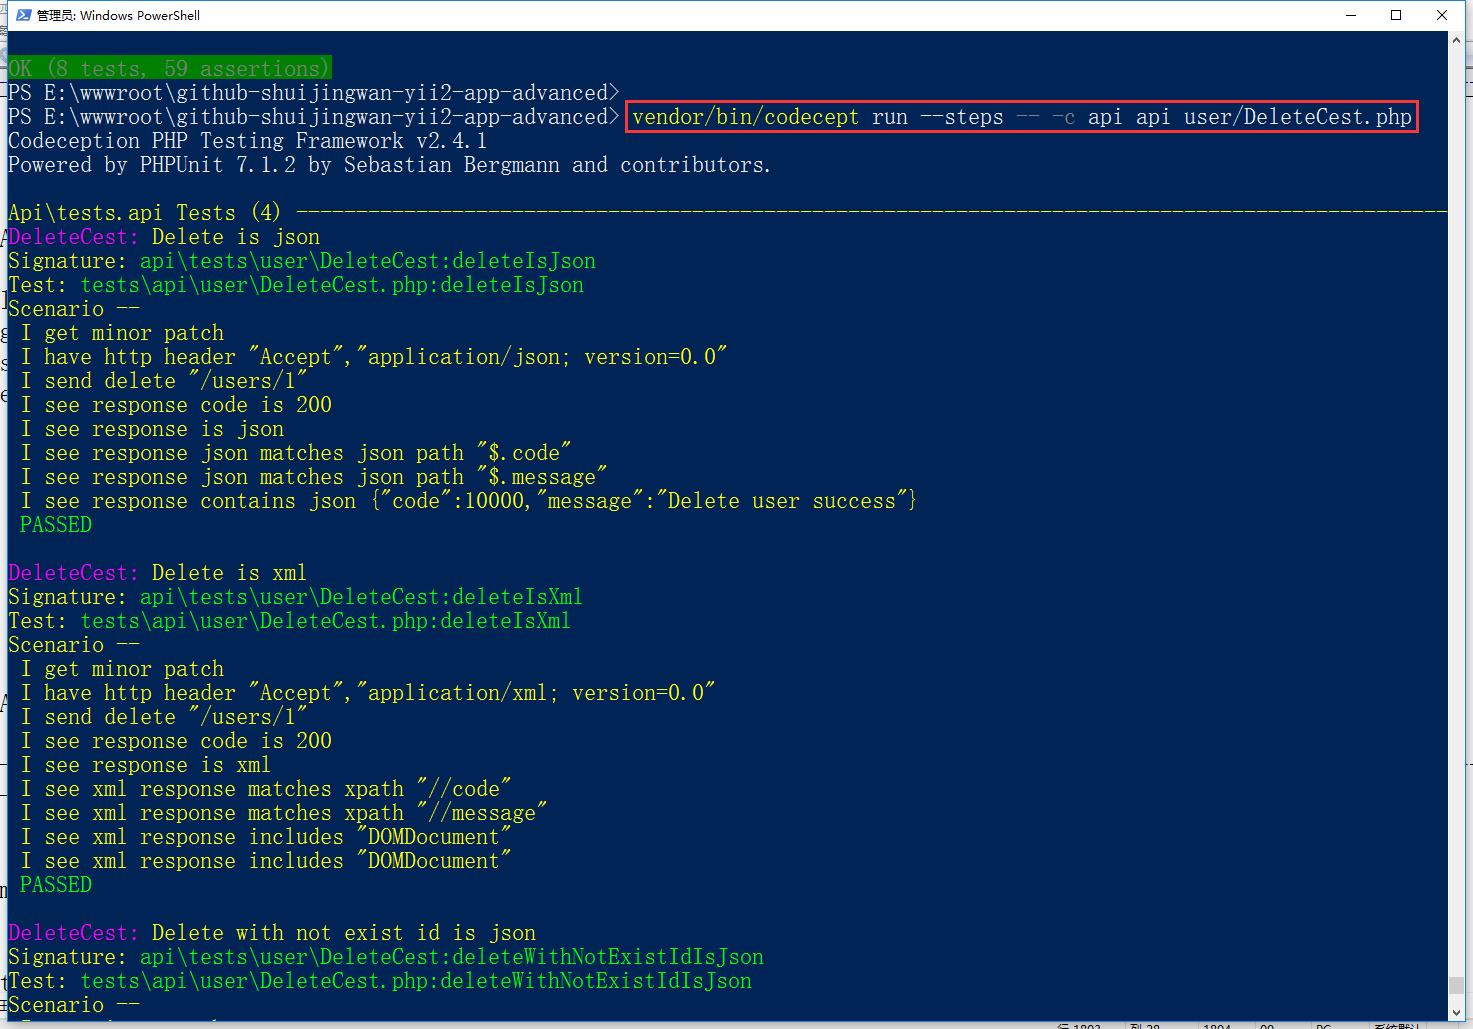 运行测试,仅测试 api user/CreateCest.php,获取详细的输出,可看到一步一步的行为报告,符合预期